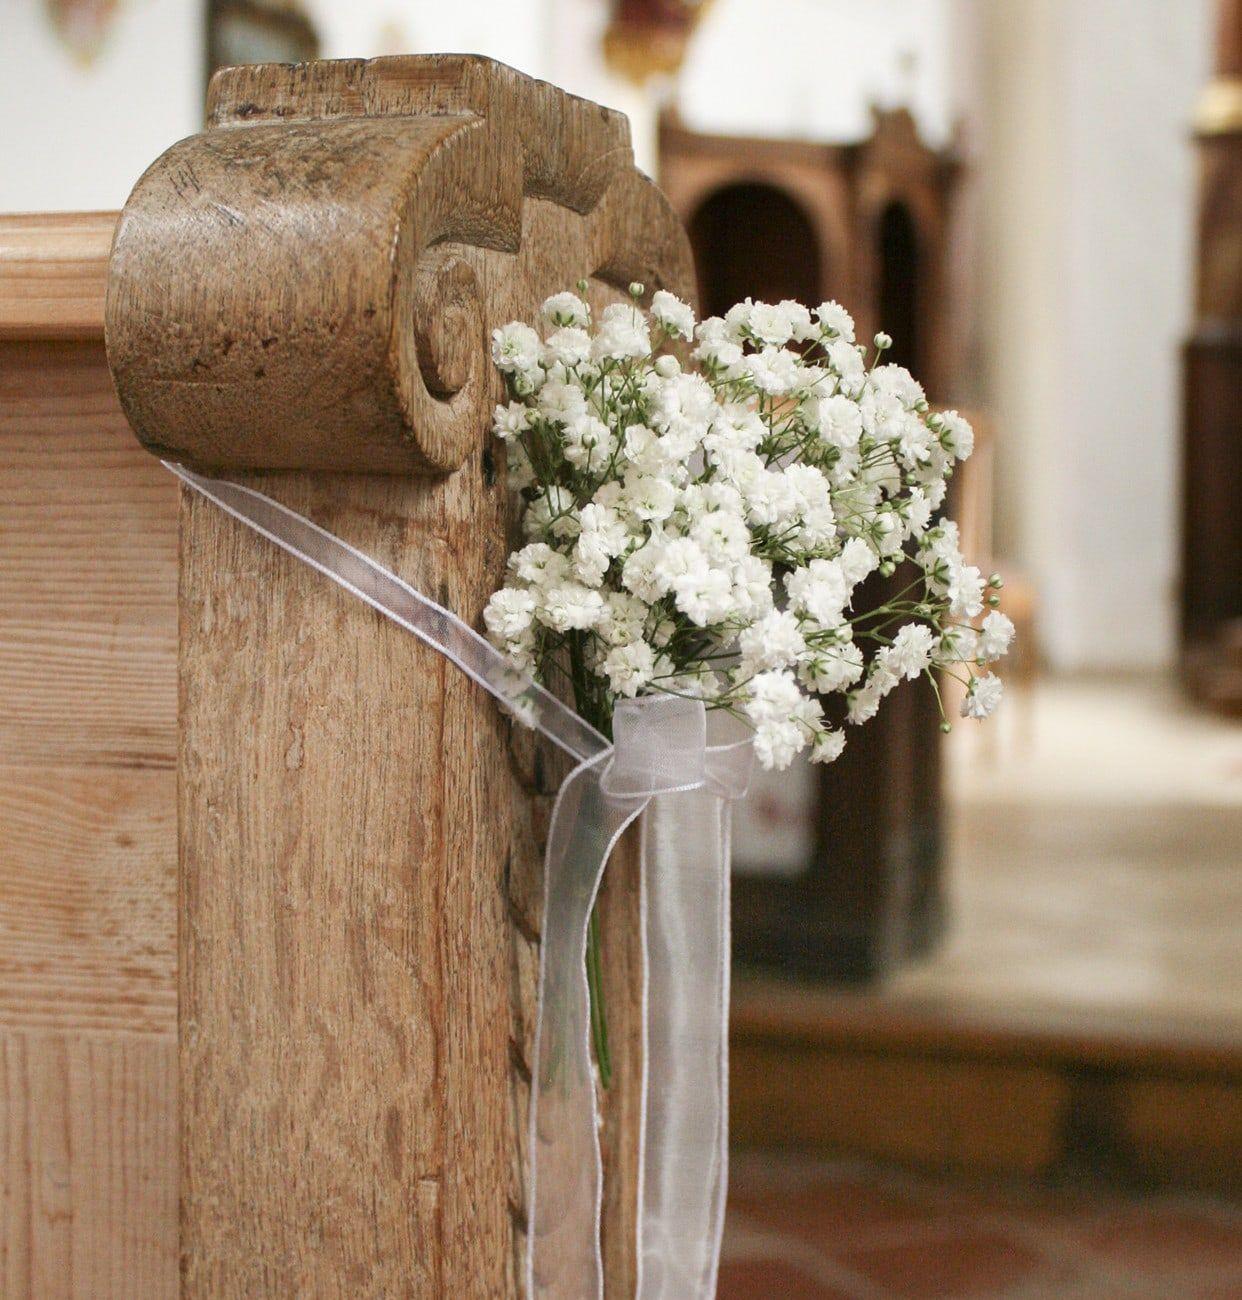 Decoración de flores en la boda con gypsophila